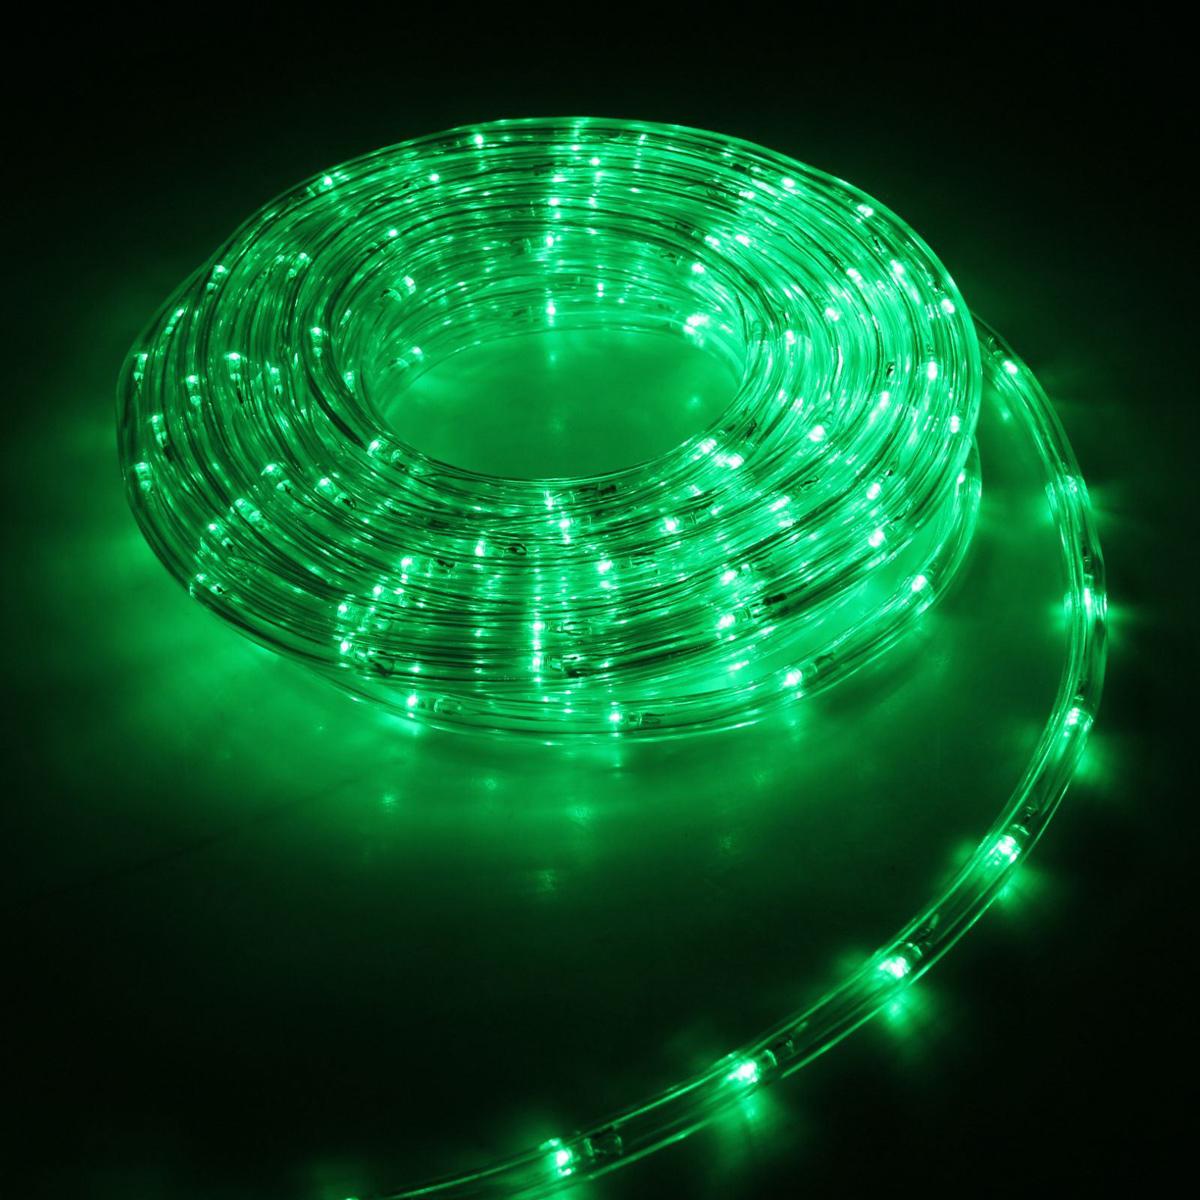 Гирлянда светодиодная Luazon, 440 ламп, 8 режимов, 220 V, цвет: зеленый, 1 см х 20 м. 15898351589835Светодиодные гирлянды, ленты и т.д — это отличный вариант для новогоднего оформления интерьера или фасада. С их помощью помещение любого размера можно превратить в праздничный зал, а внешние элементы зданий, украшенные ими, мгновенно станут напоминать очертания сказочного дворца. Такие украшения создают ауру предвкушения чуда. Деревья, фасады, витрины, окна и арки будто специально созданы, чтобы вы украсили их светящимися нитями.